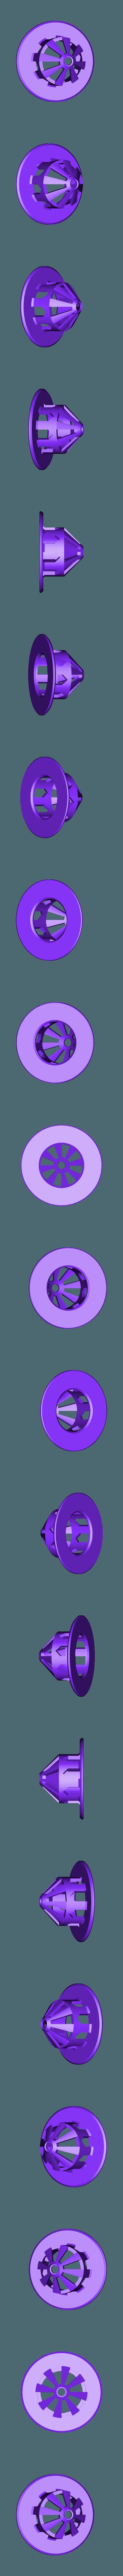 SinkFilter_30mm.stl Download free STL file Easy Flow Sink Filter • 3D print design, LGBU